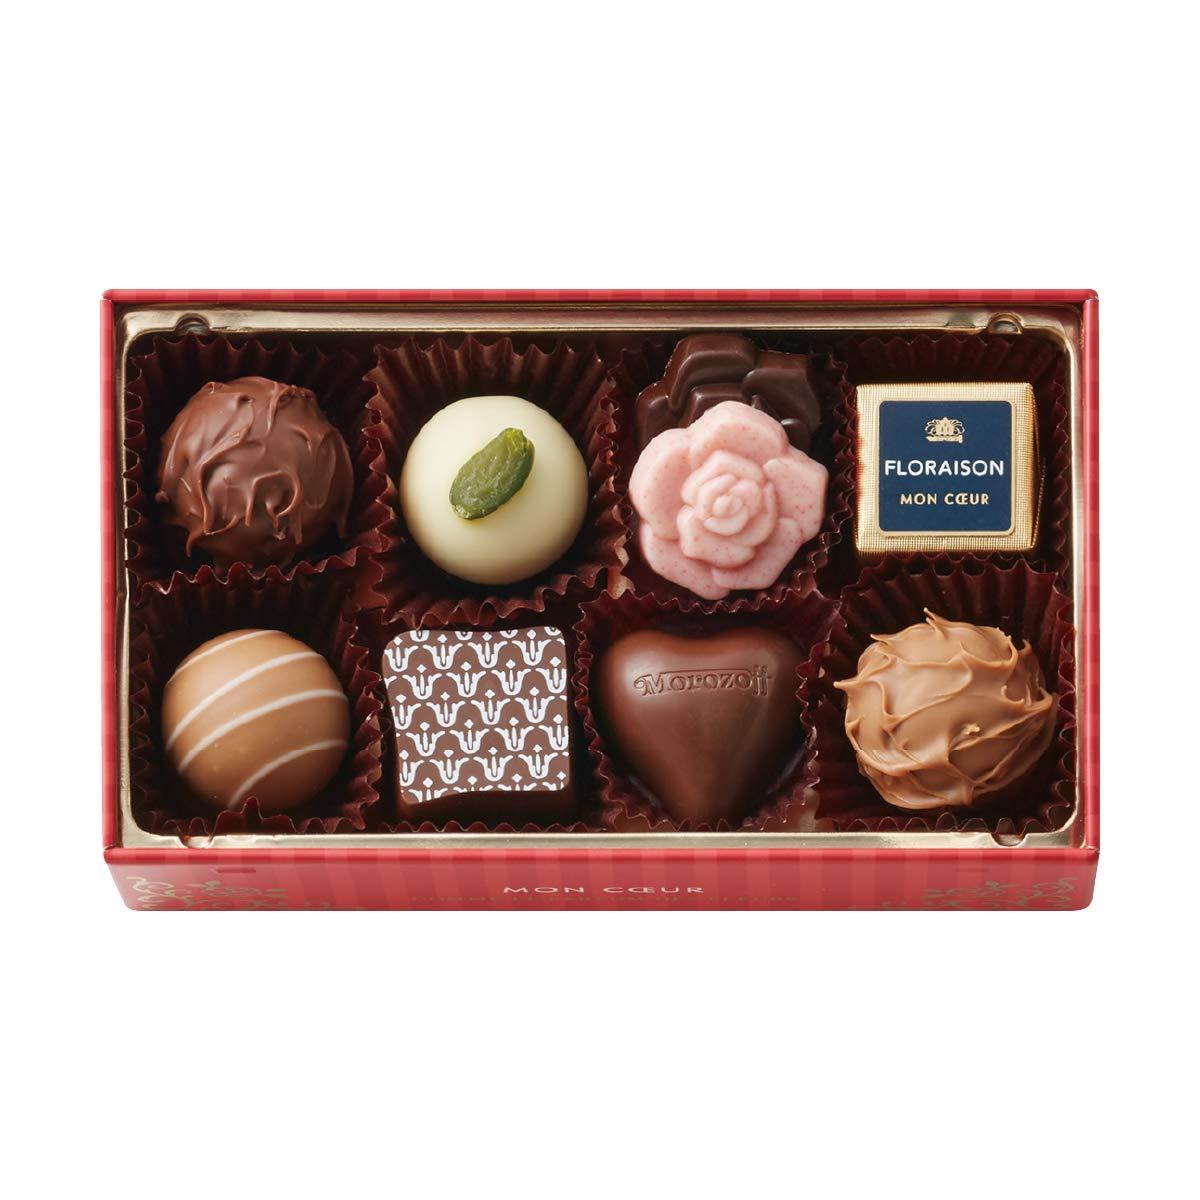 モロゾフ バレンタイン チョコレート